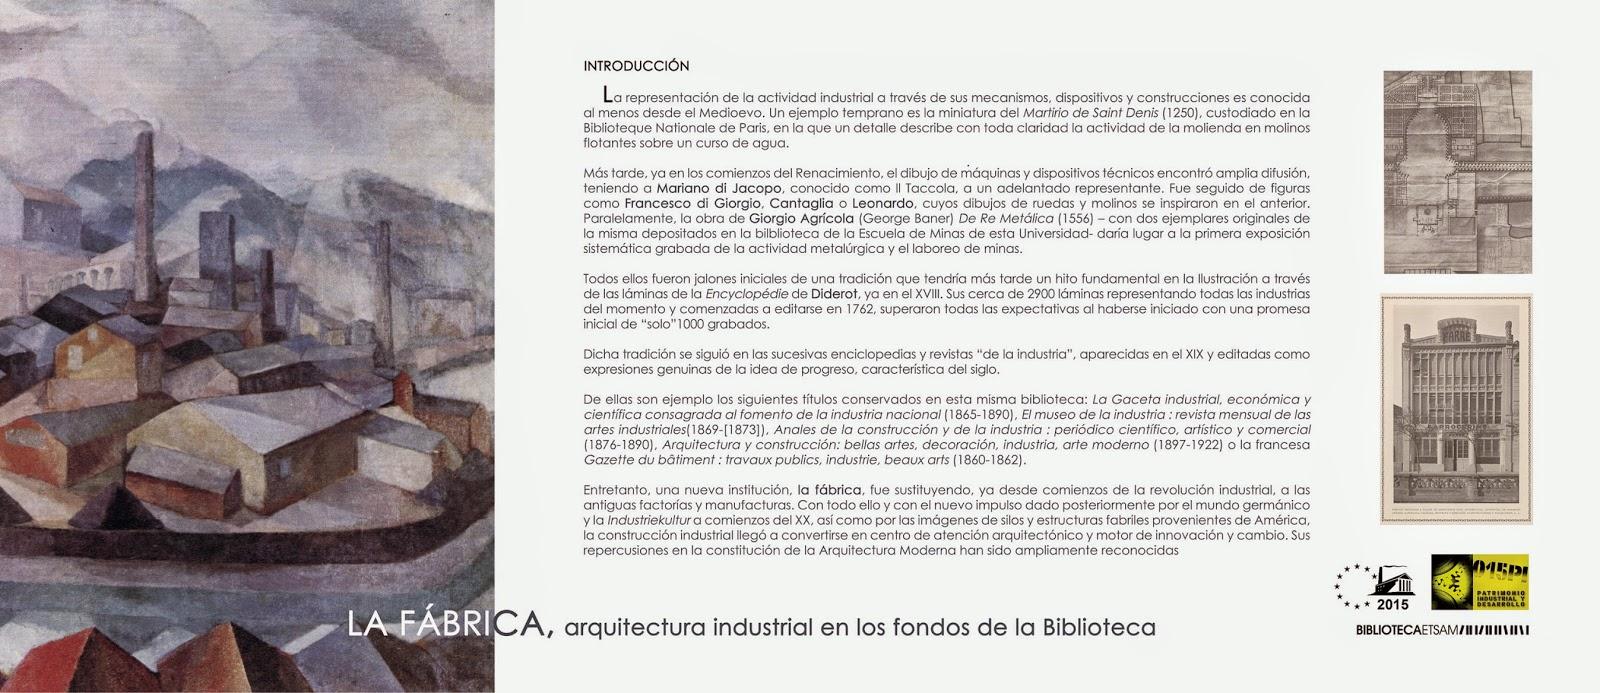 Patrimonio industrial arquitect nico exposici n la - Ets arquitectura madrid ...